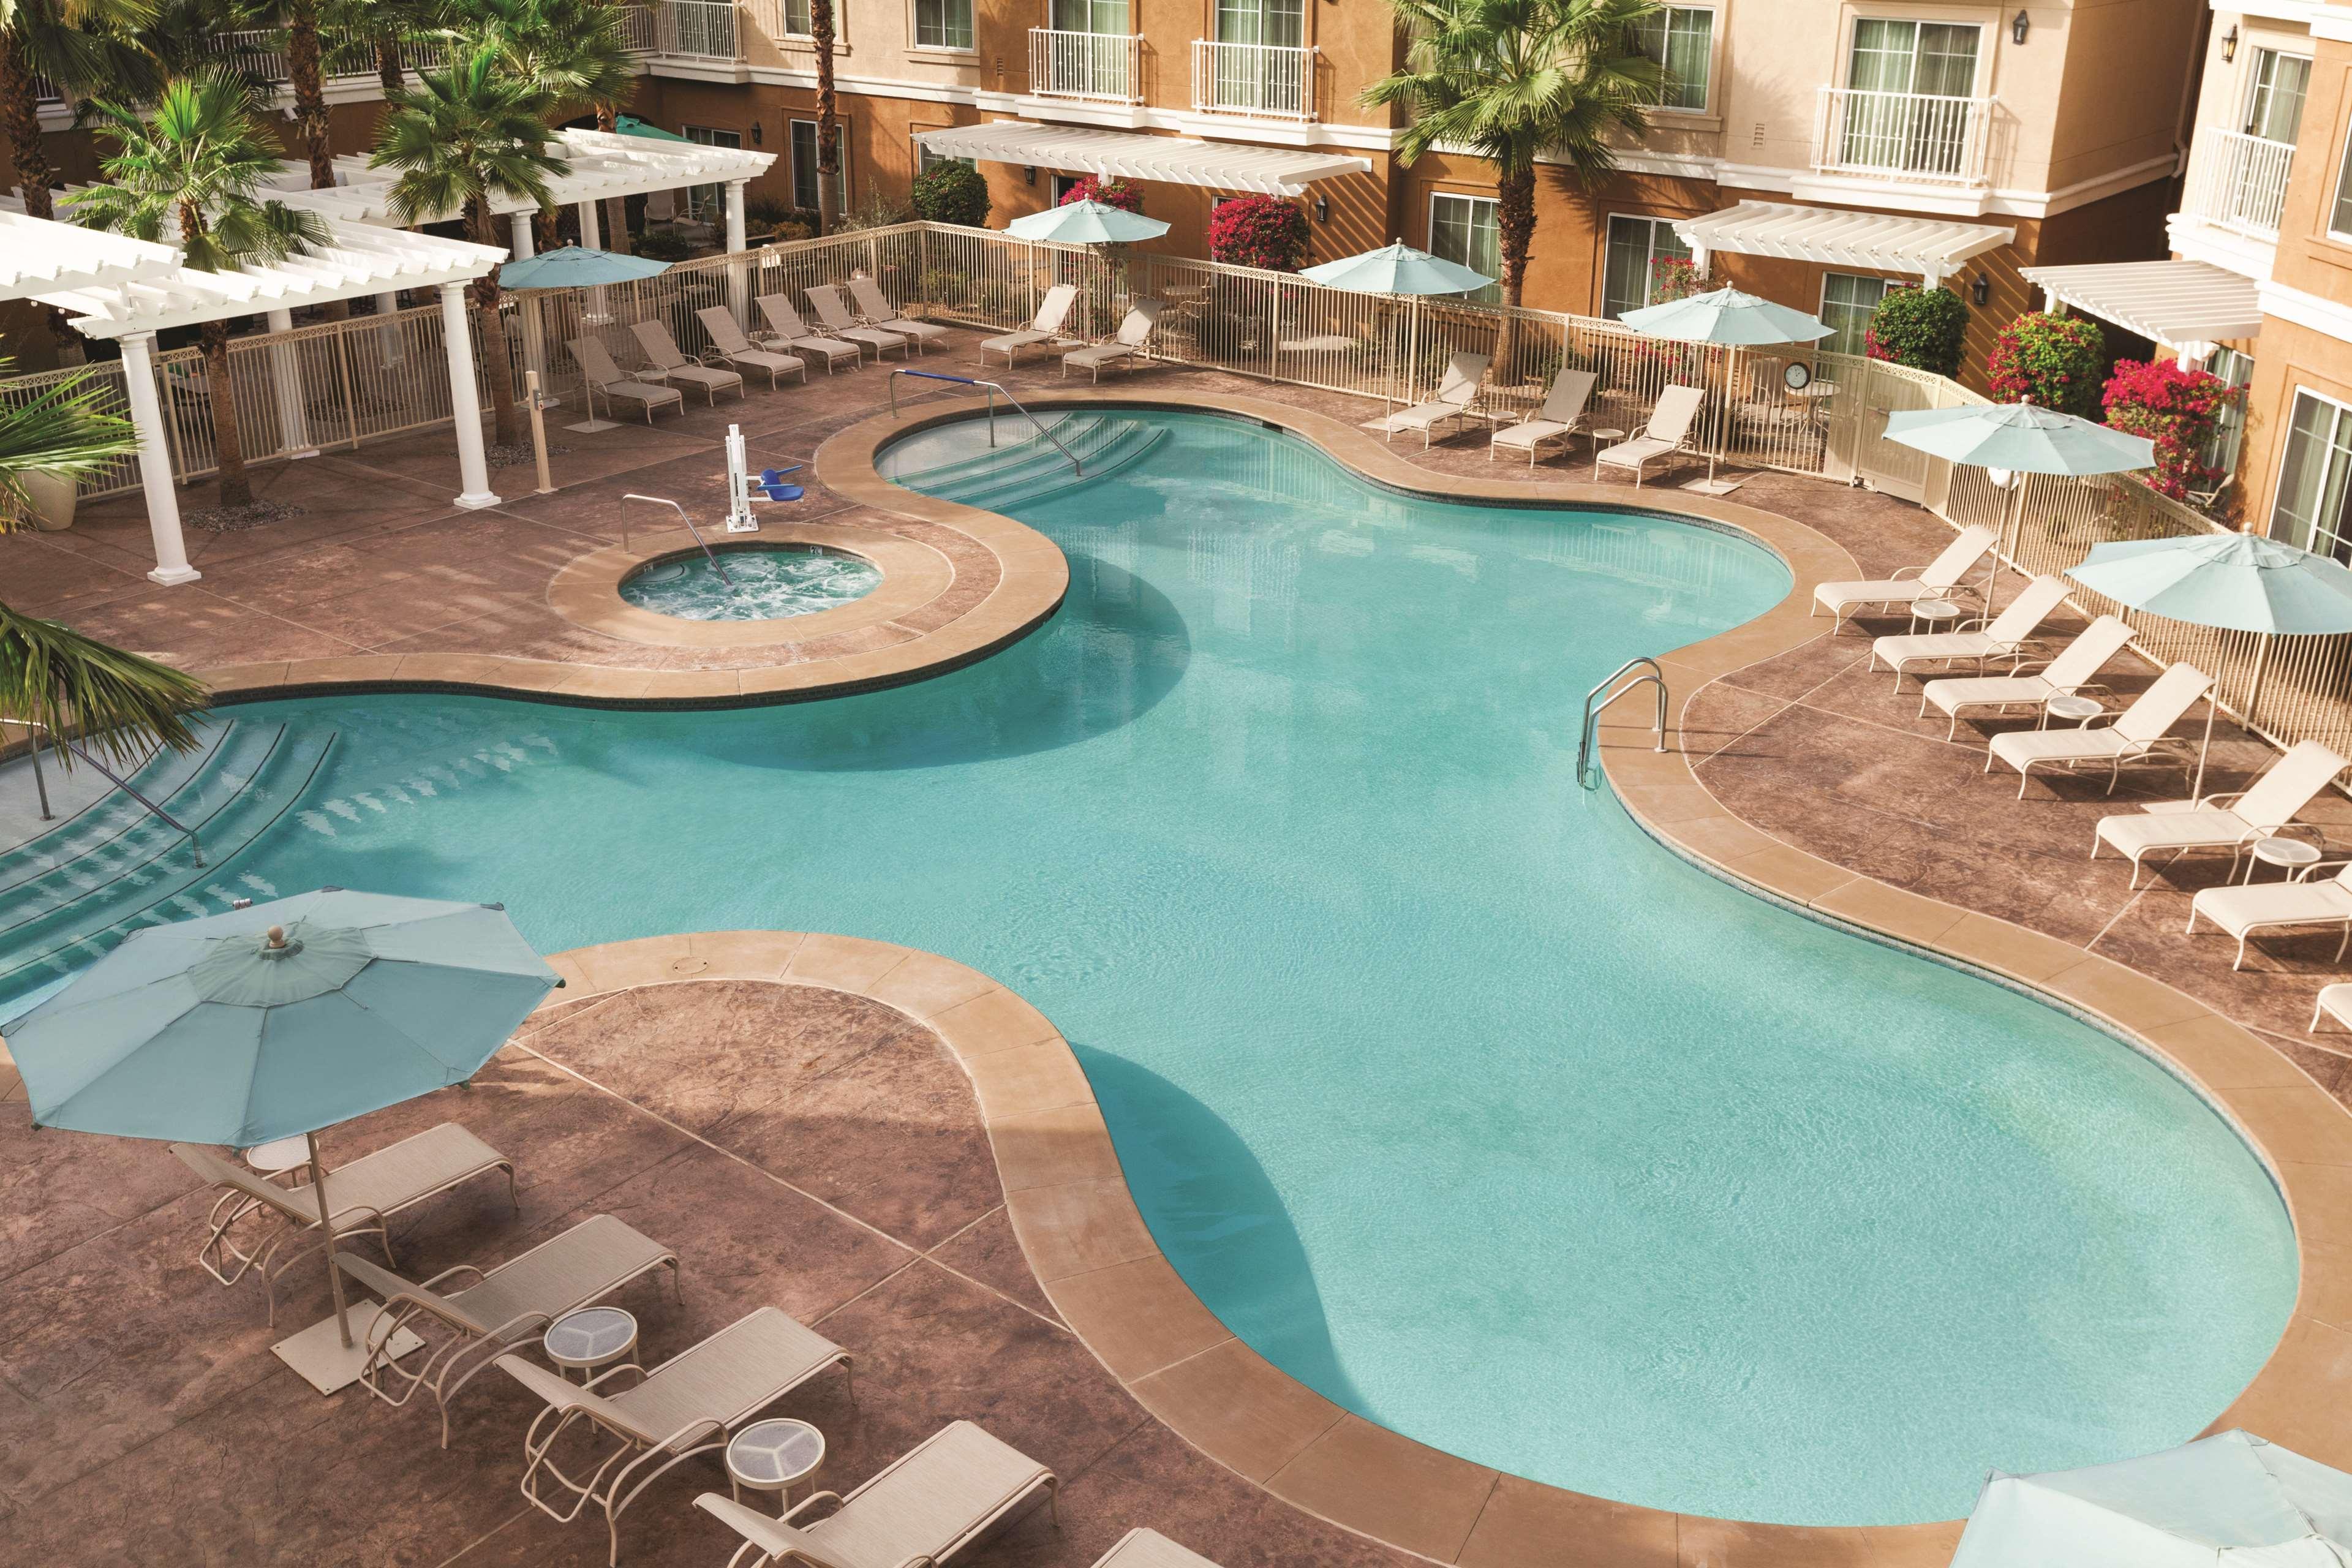 Homewood Suites by Hilton La Quinta image 8